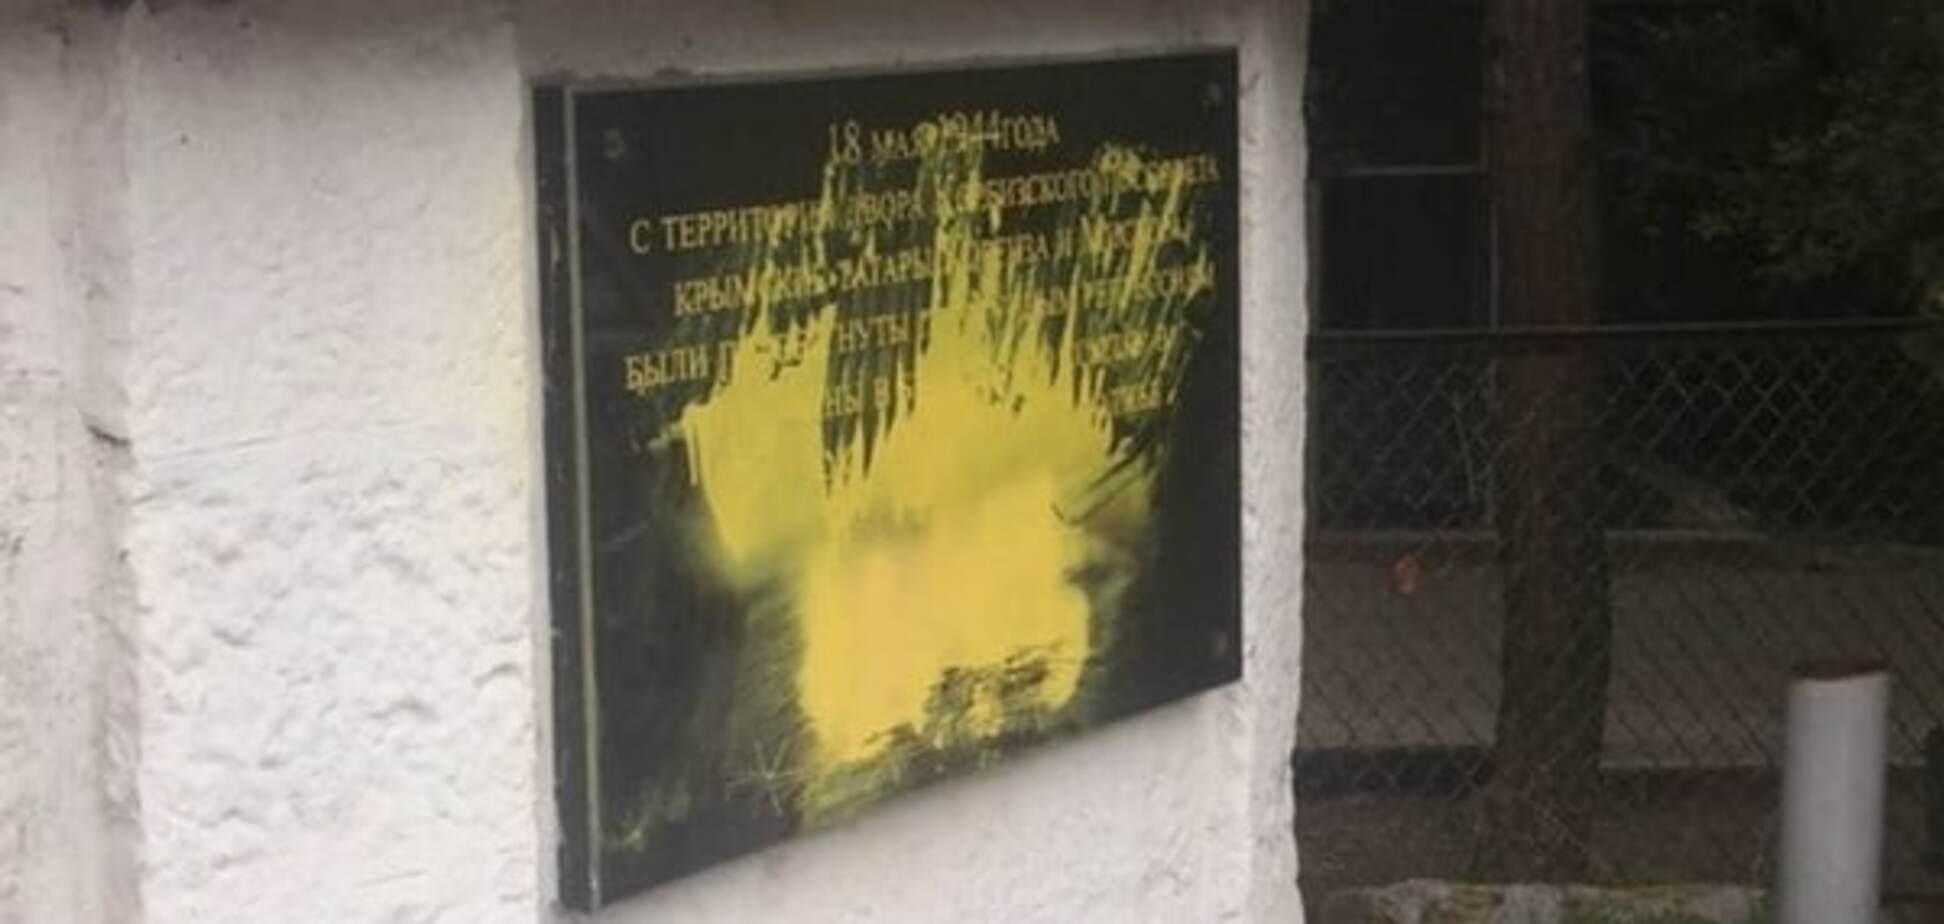 Оккупанты в Крыму осквернили мемориал памяти жертв депортации крымских татар: фотофакт